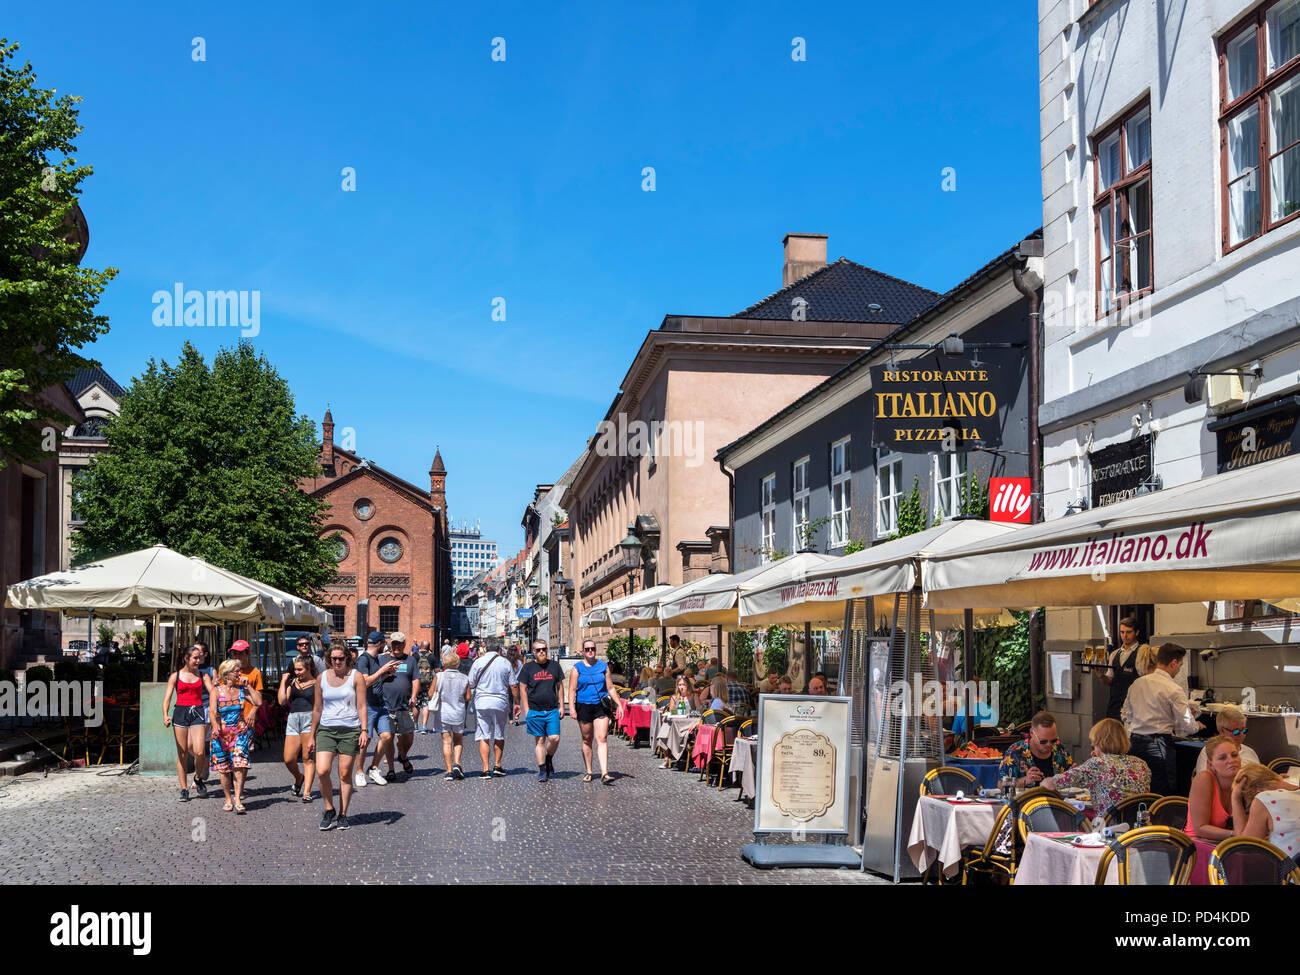 Cafes and restaurants on Fiolstræde in the Latin Quarter, Copenhagen, Denmark - Stock Image